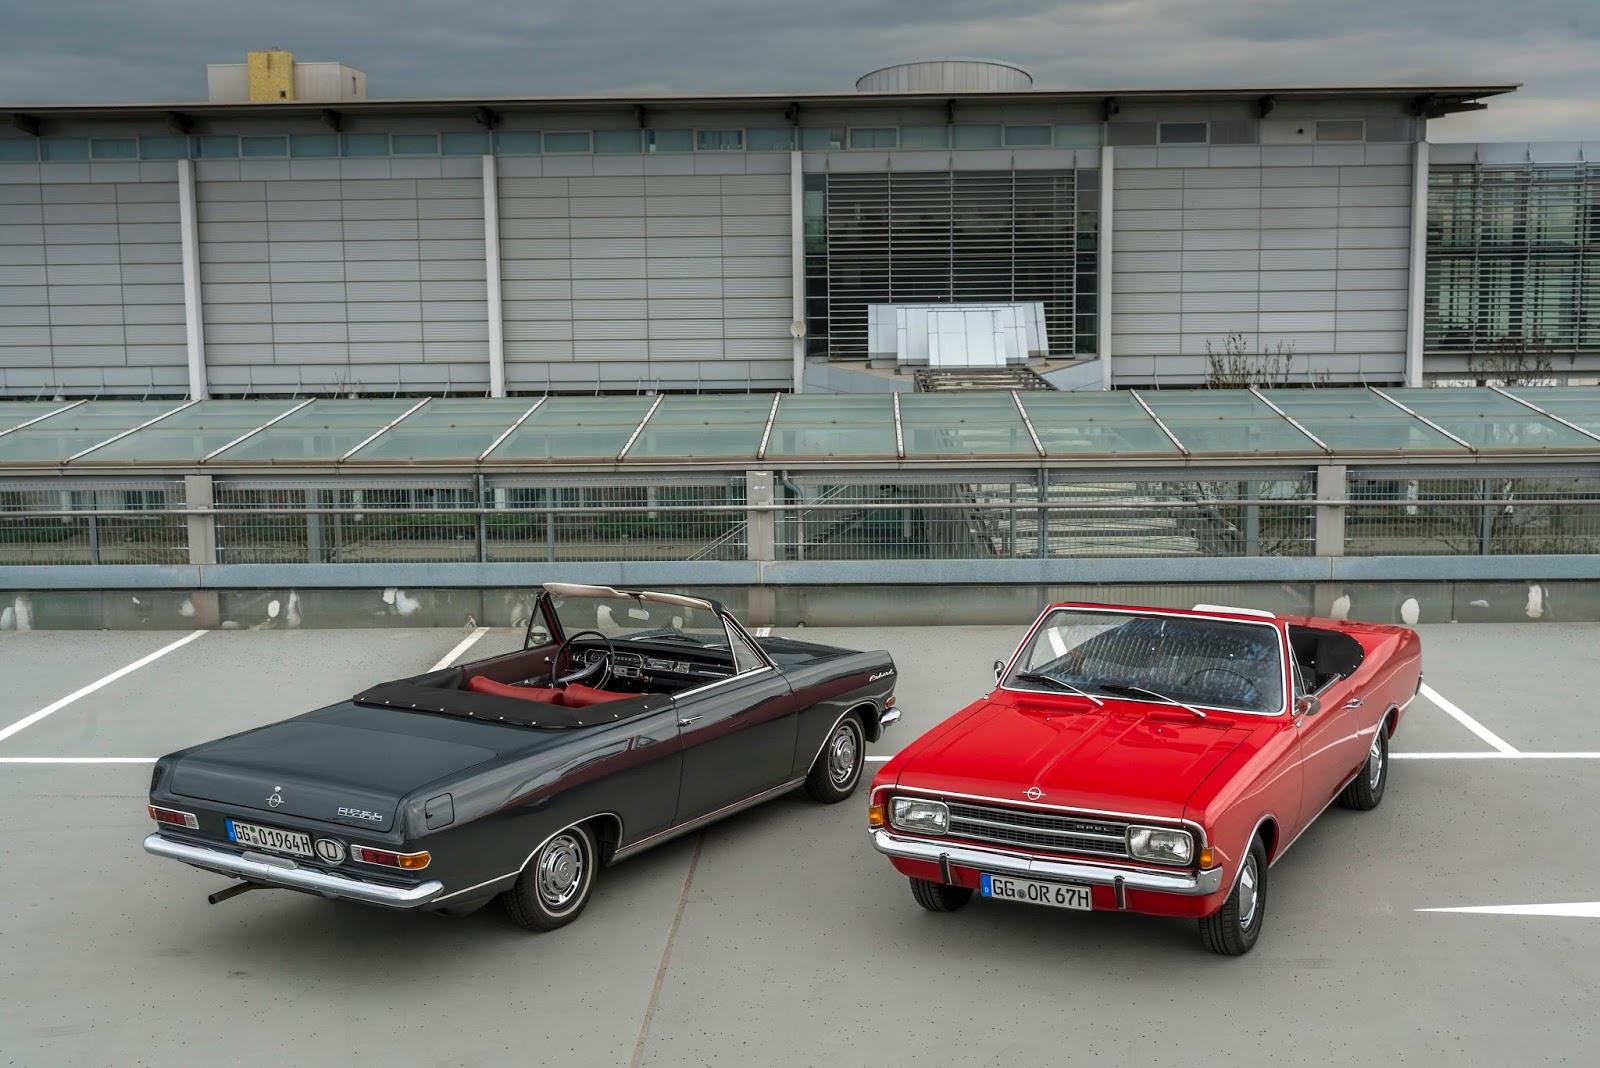 Opel ADAC Hessen Thueringen 304653 Ράλι κλασικών μοντέλων Opel στο Hessen-Thüringen Classic, Opel, Opel Cascada, Opel Record, Opel Wagon, Rally